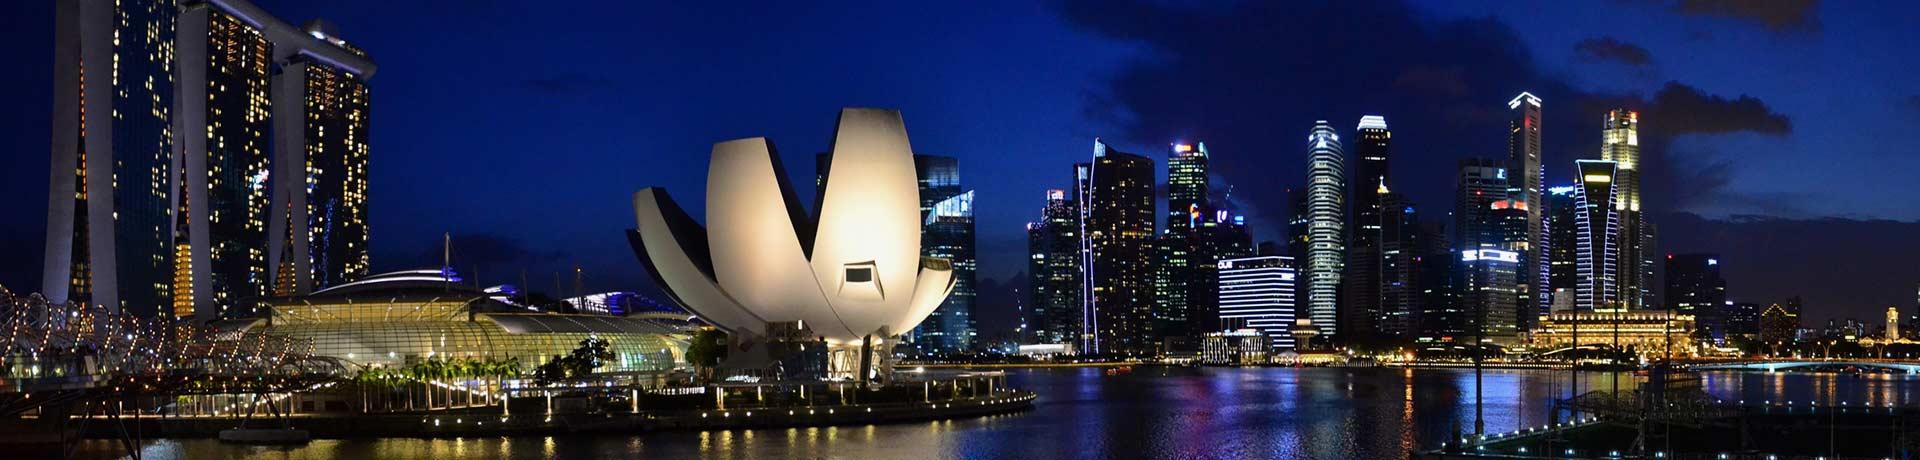 싱가포르/바탐 3박 5일